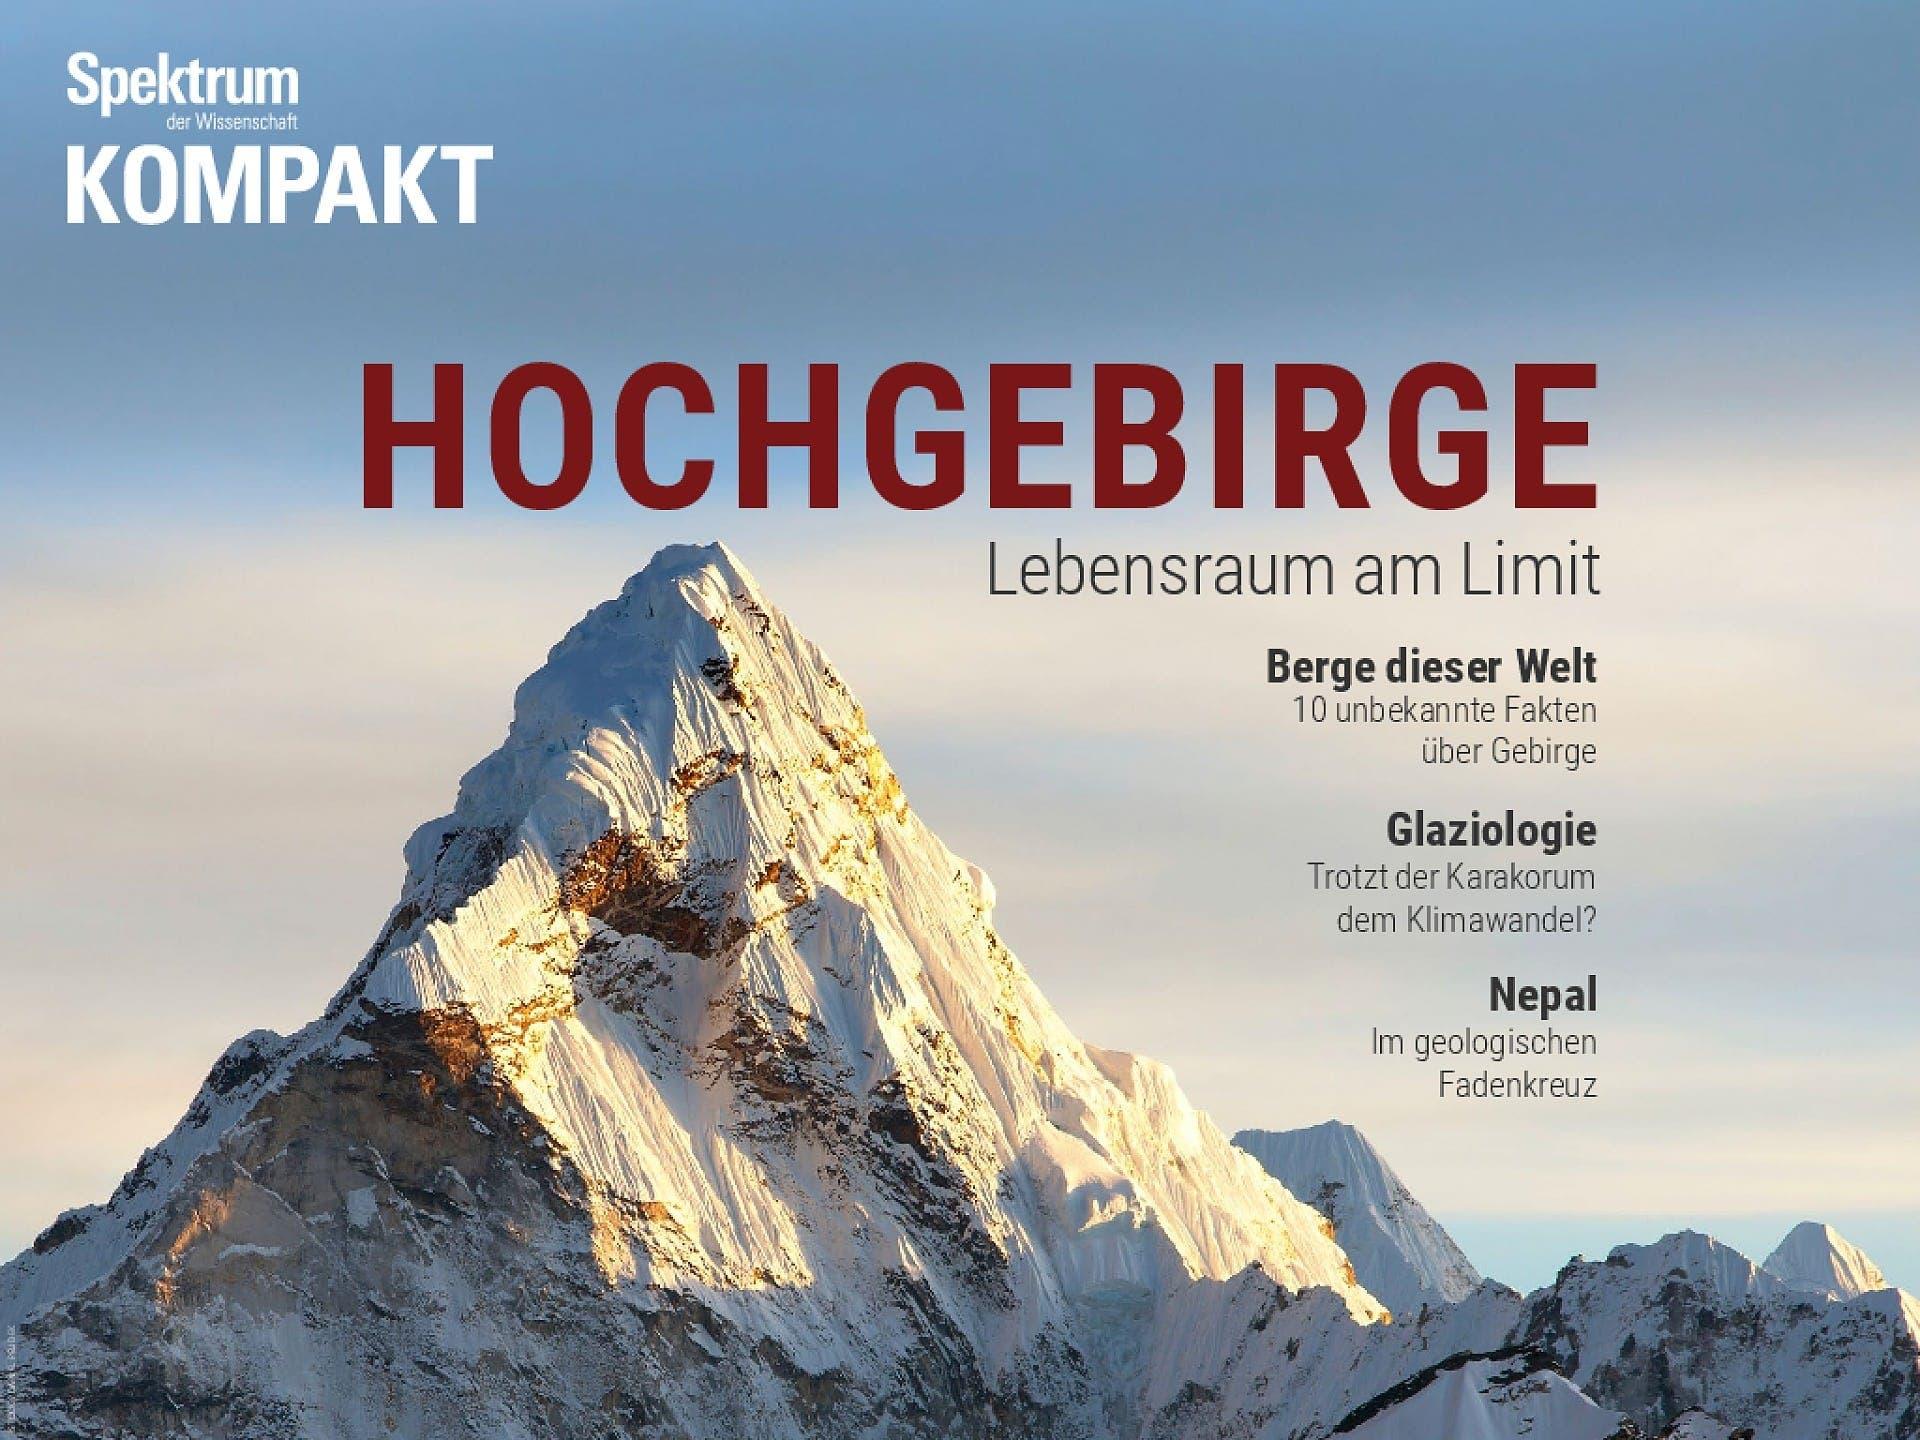 Hochgebirge - Lebensraum am Limit